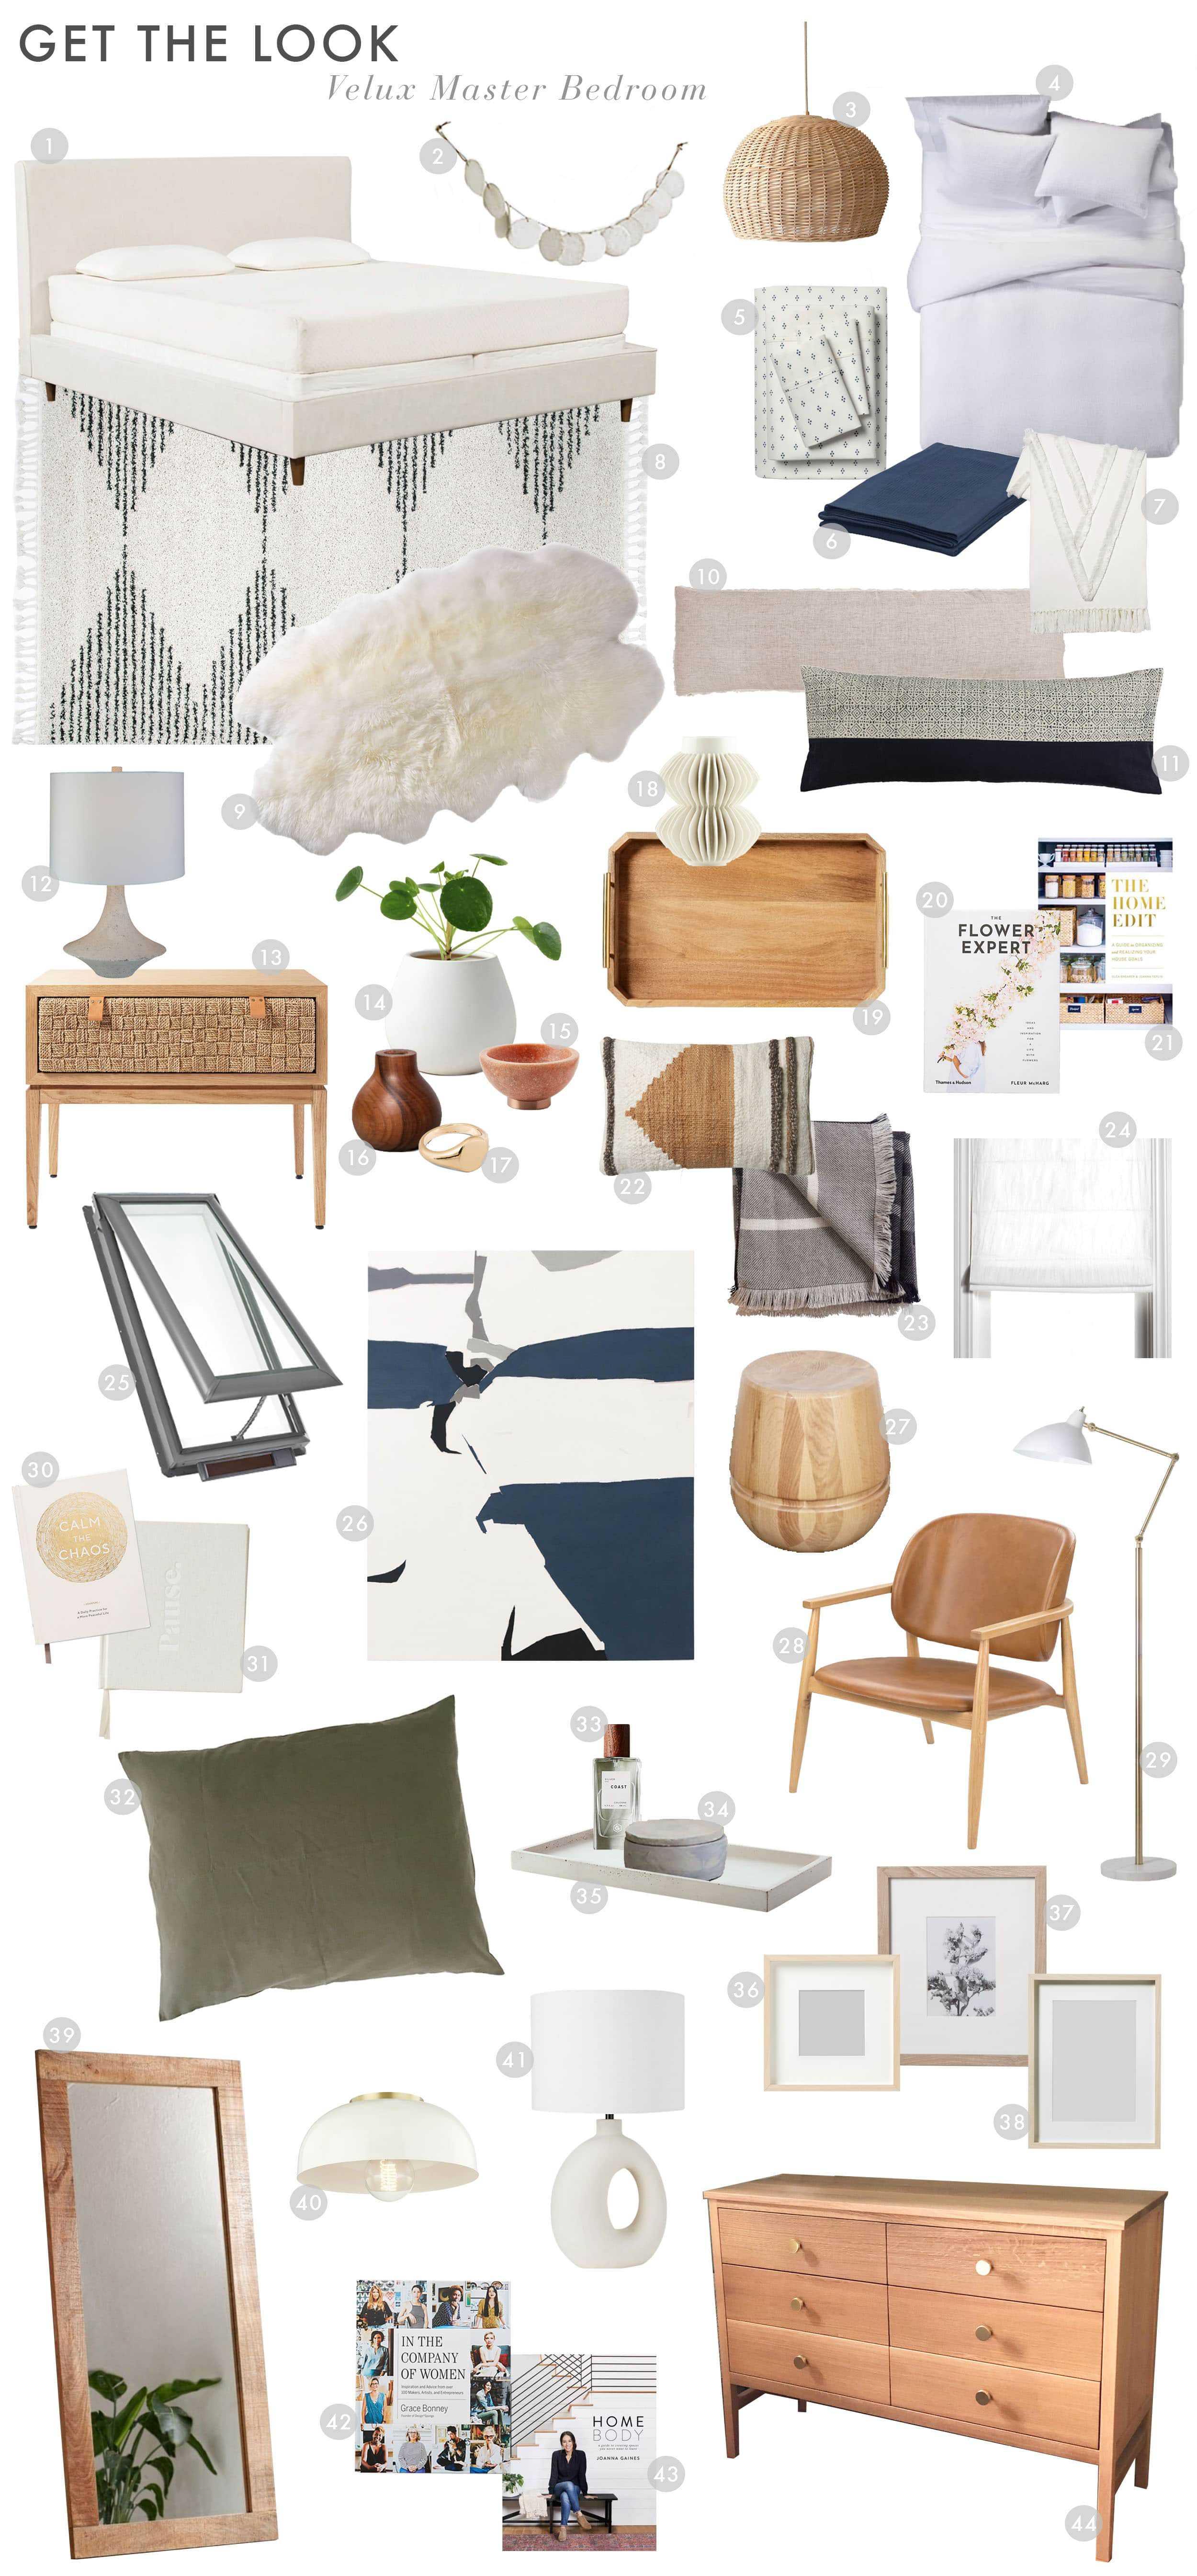 Emily Henderson Design Velux Master Bedroom Boho Neutral Get The Look 01